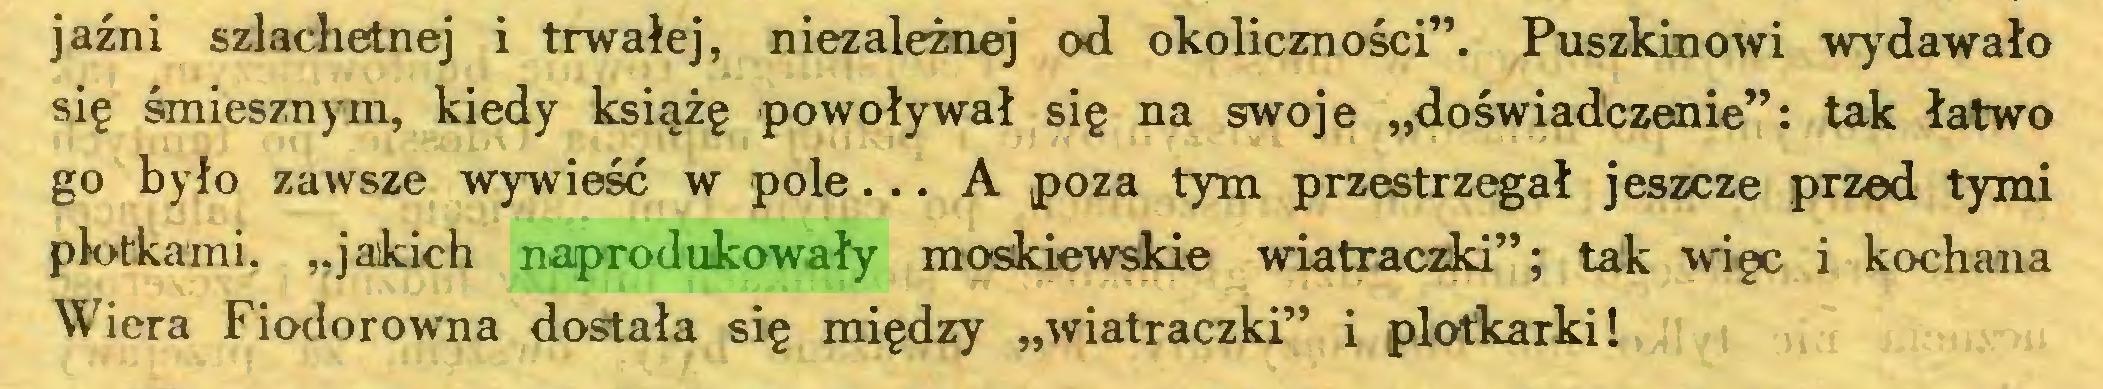 """(...) jaźni szlachetnej i trwałej, niezależnej od okoliczności"""". Puszkinowi wydawało się śmiesznym, kiedy książę powoływał się na swoje """"doświadczenie"""": tak łatwo go było zawsze wywieść w pole... A poza tym przestrzegał jeszcze przed tymi plotkami, """"jakich naprodukowały moskiewskie wiatraczki""""; tak więc i kochana Wiera Fiodorowna dostała się między """"wiatraczki"""" i plotkarki!..."""